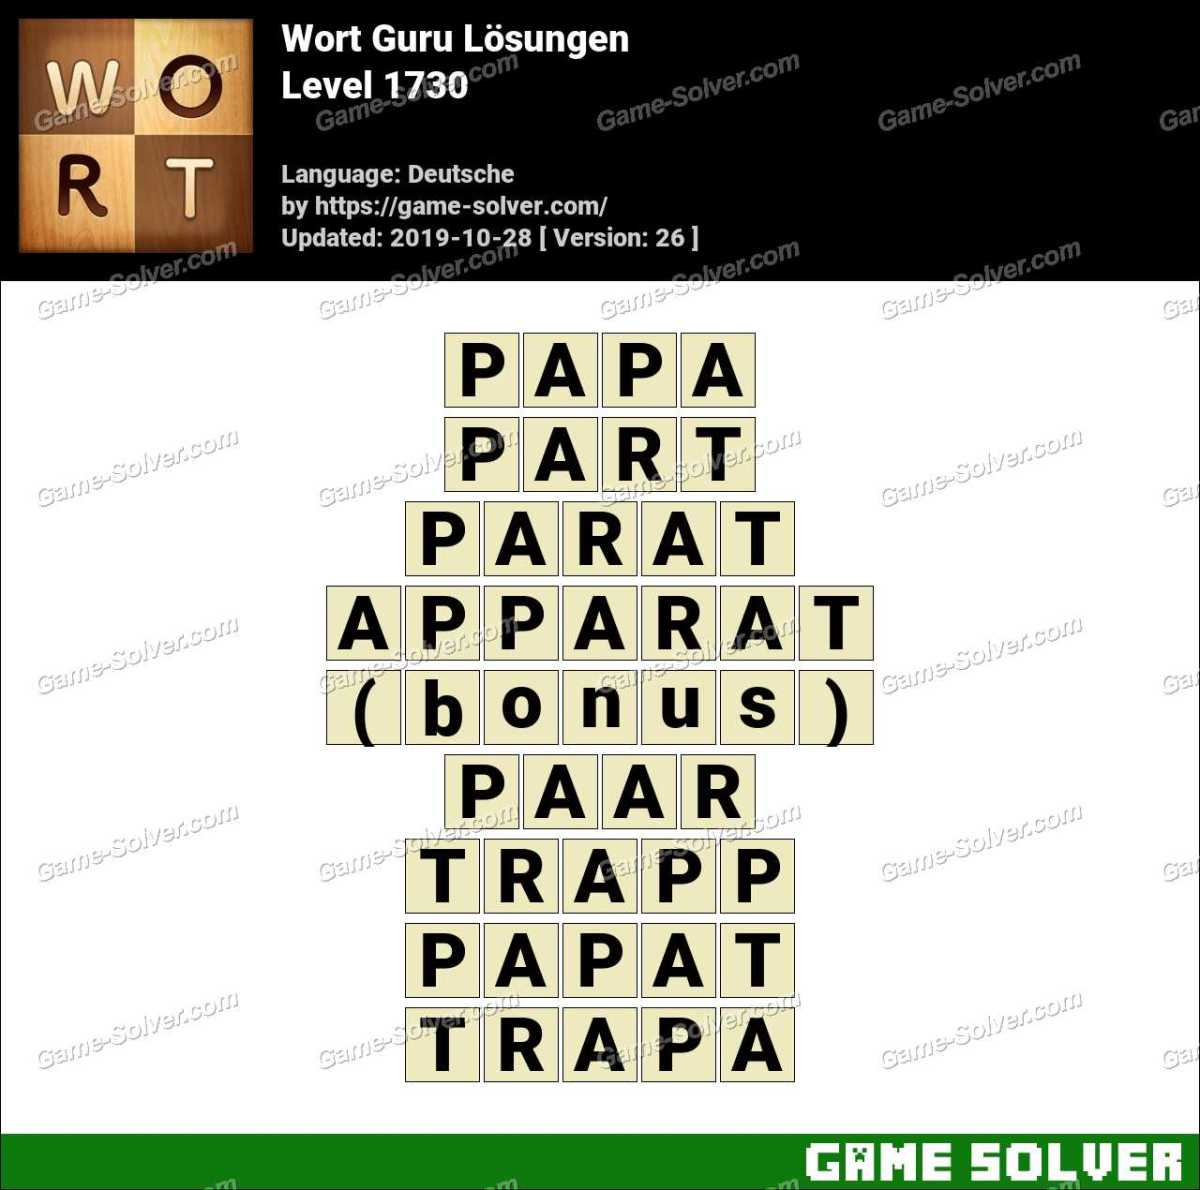 Wort Guru Level 1730 Lösungen